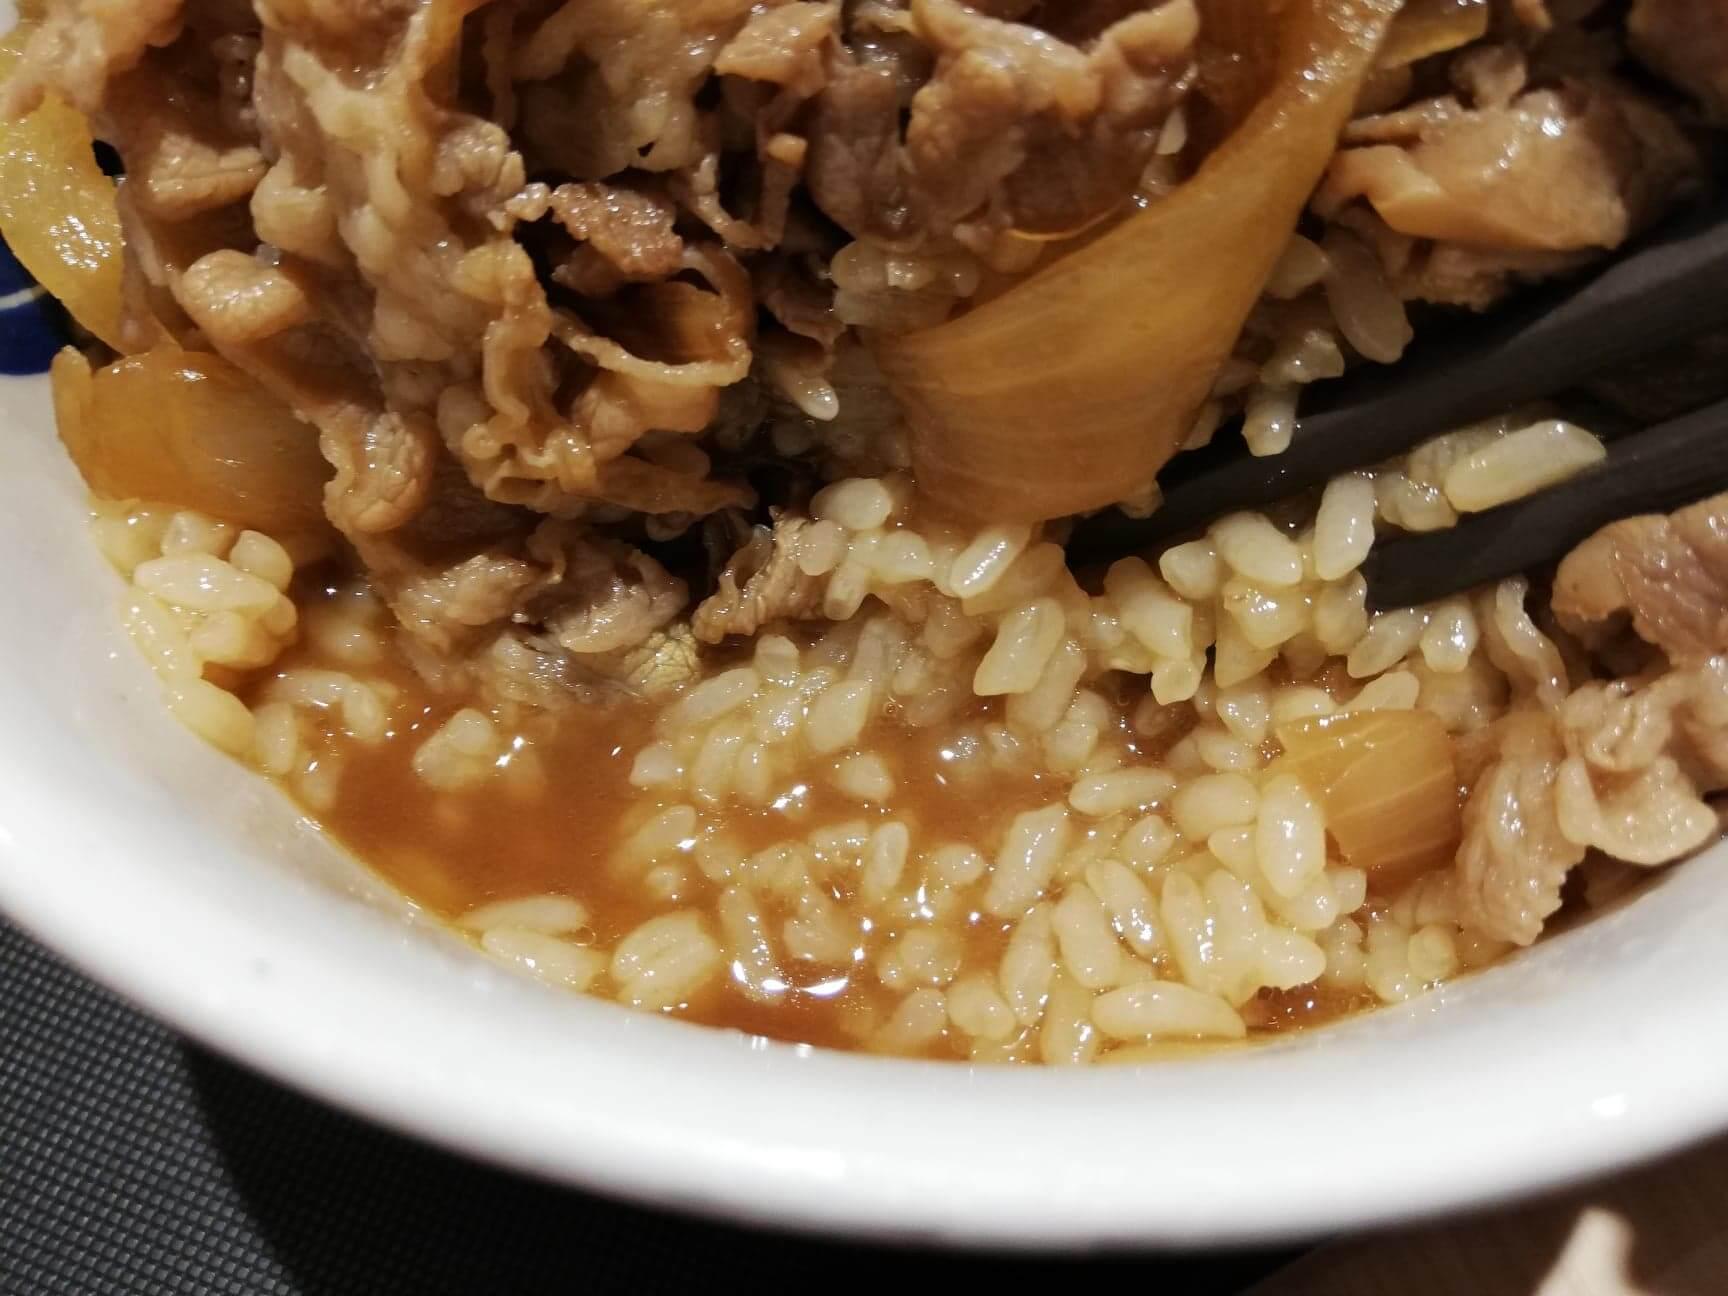 松屋の牛丼のつゆ画像